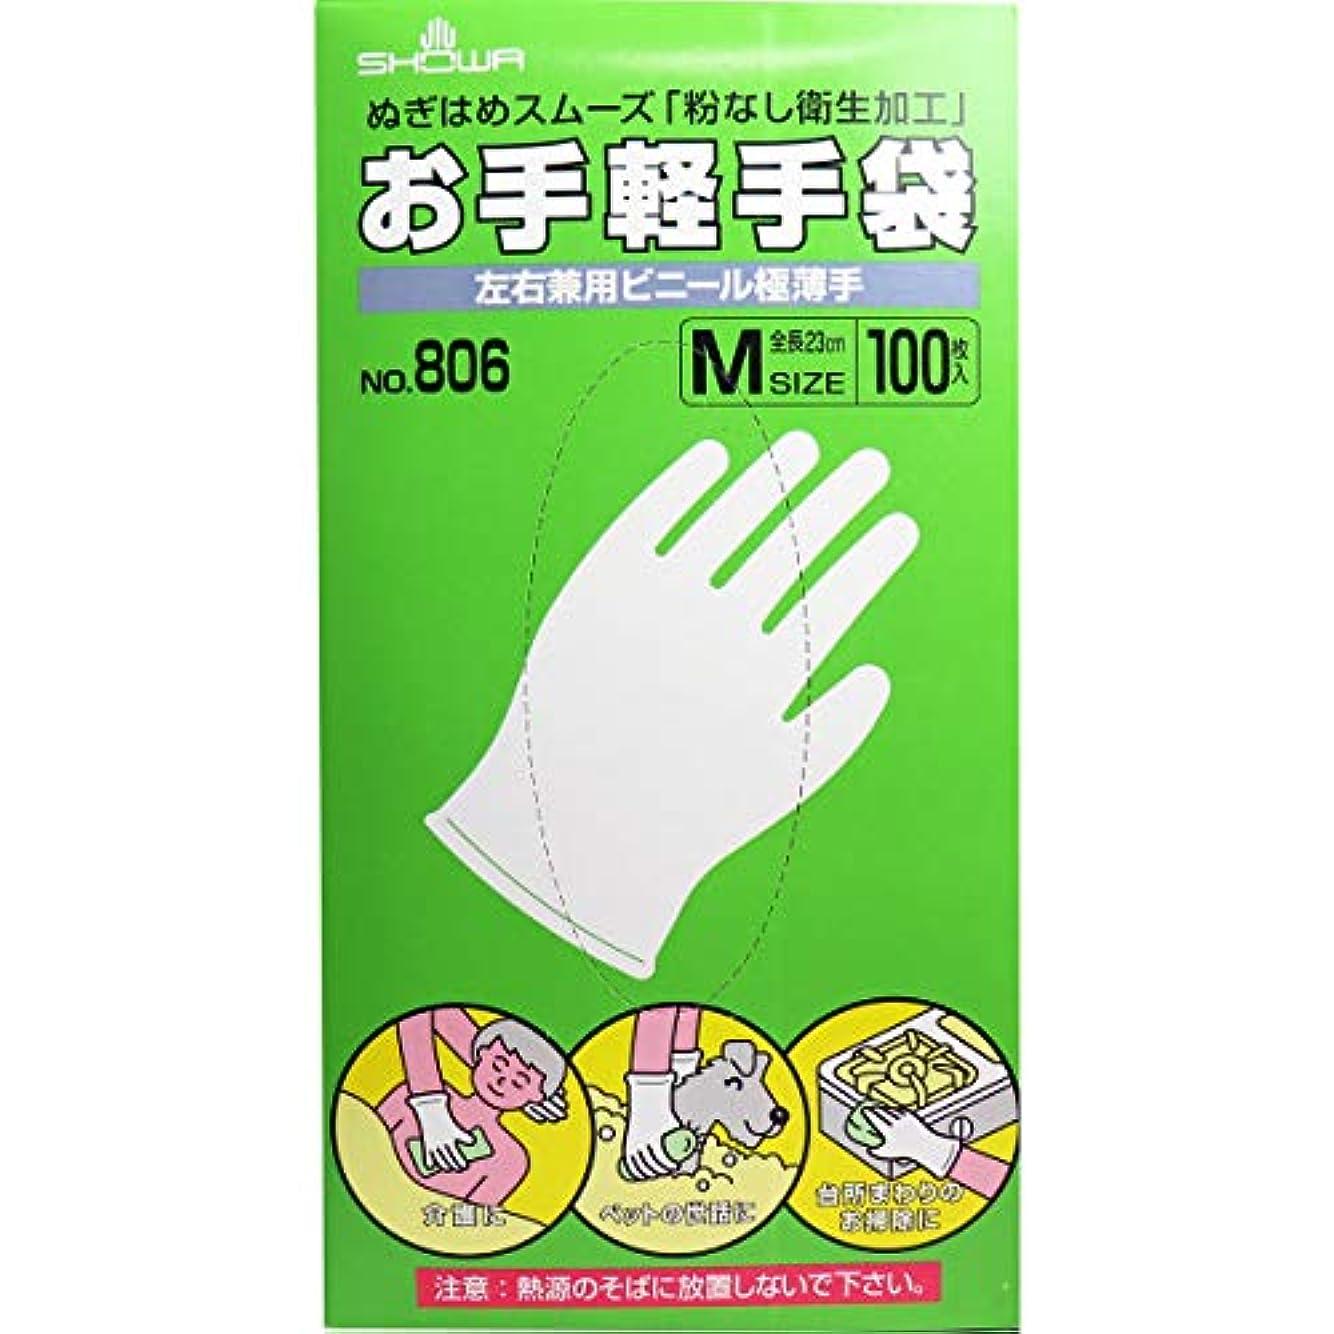 お手軽手袋 No.806 左右兼用ビニール極薄手 粉なし Mサイズ 100枚入×5個セット(管理番号 4901792033596)